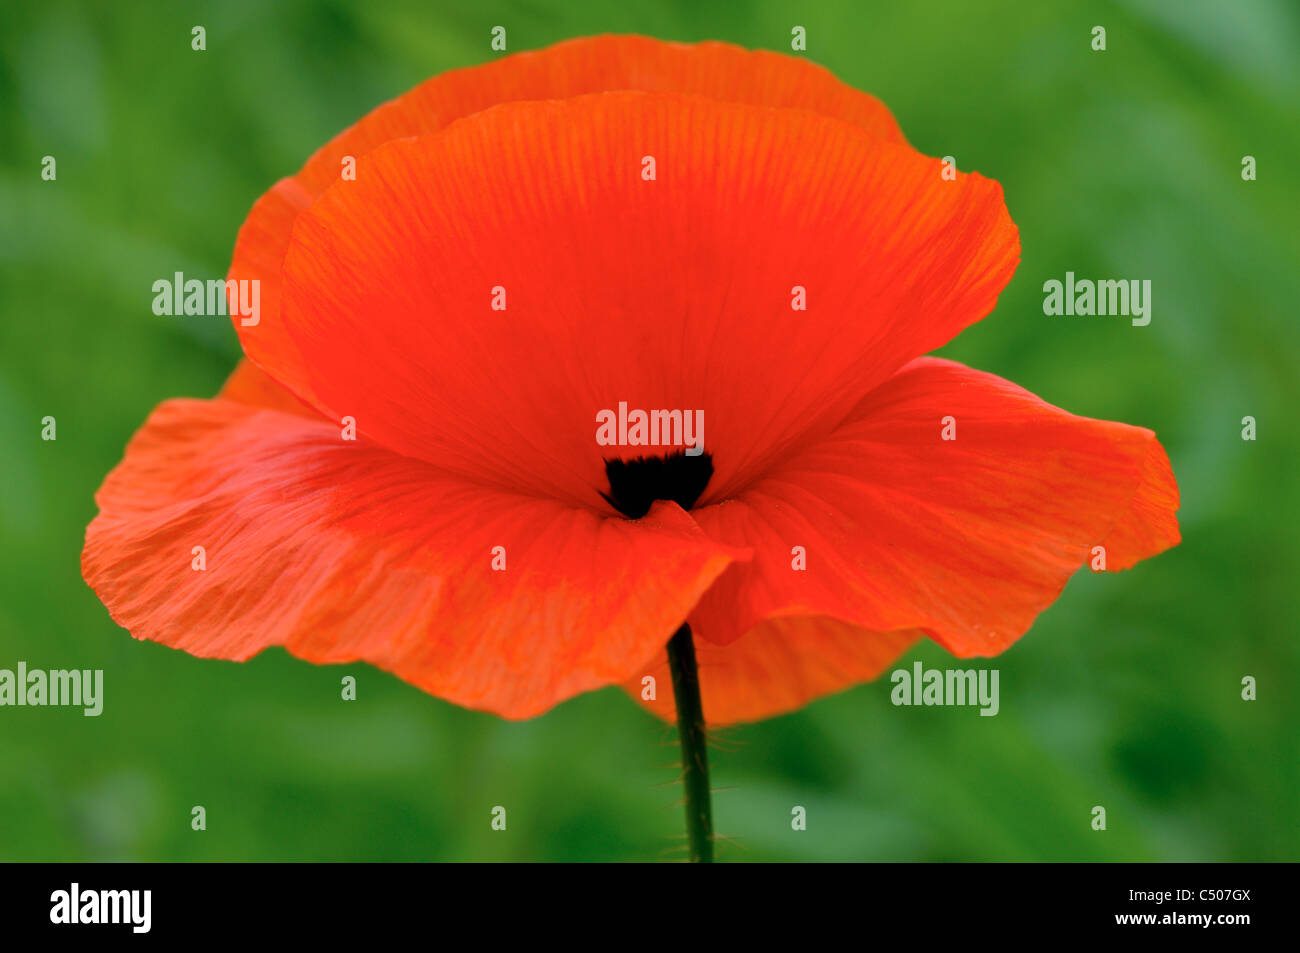 Blume der rote Mohn mit grünem Hintergrund. Stockbild